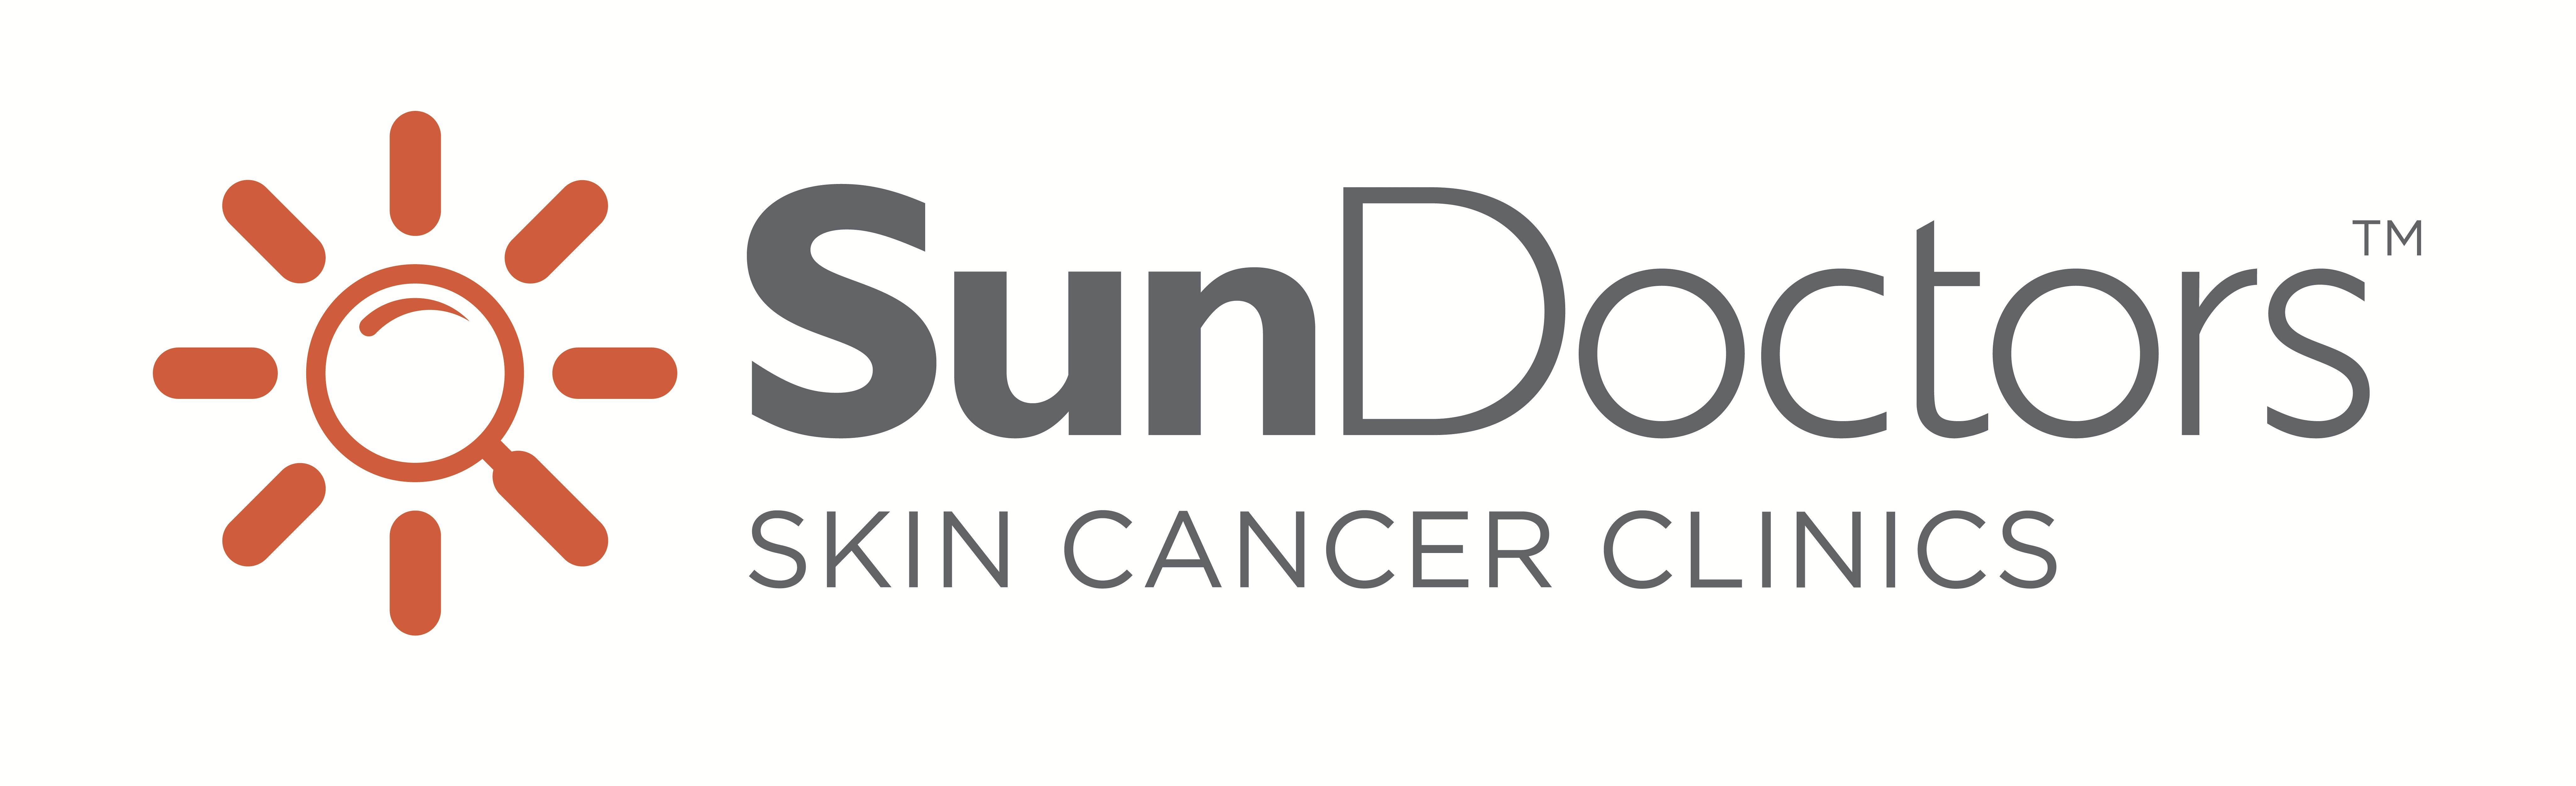 logo for SunDoctors Windsor Skin Cancer Doctors